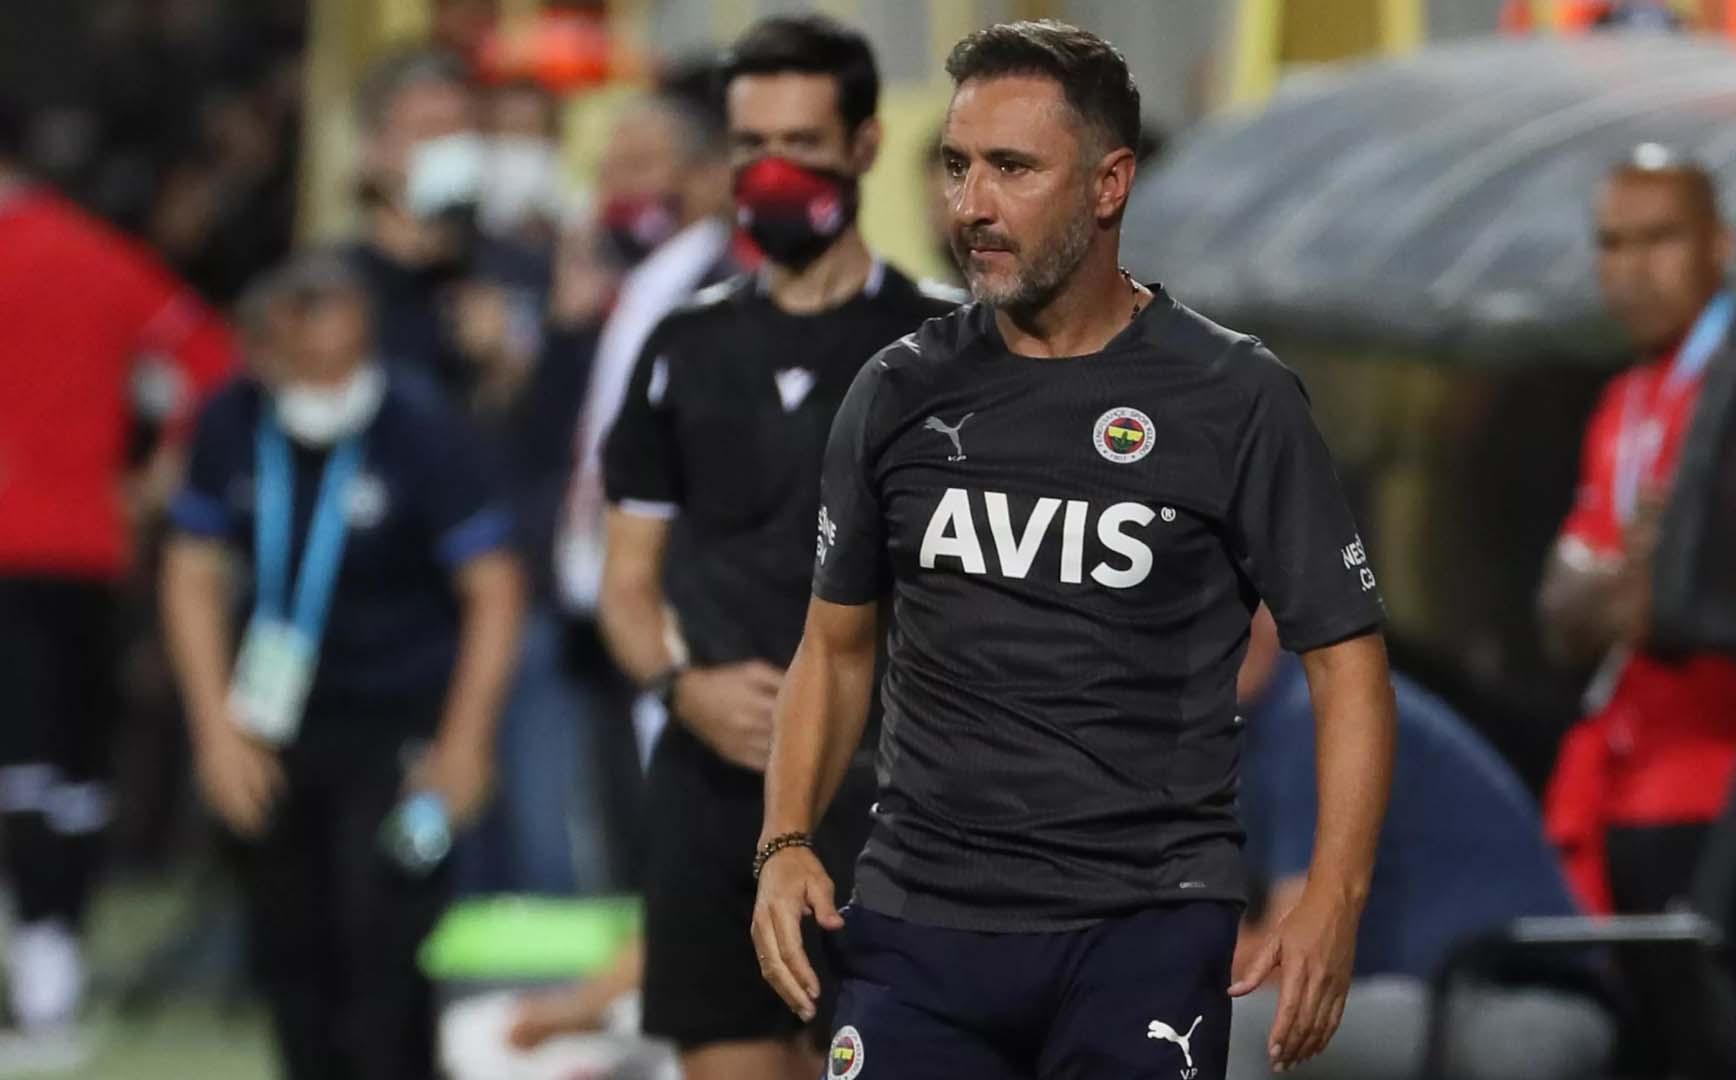 Fenerbahçe orta sahada değişikliğe gidiyor! Mert Hakan tekrar ilk 11'de